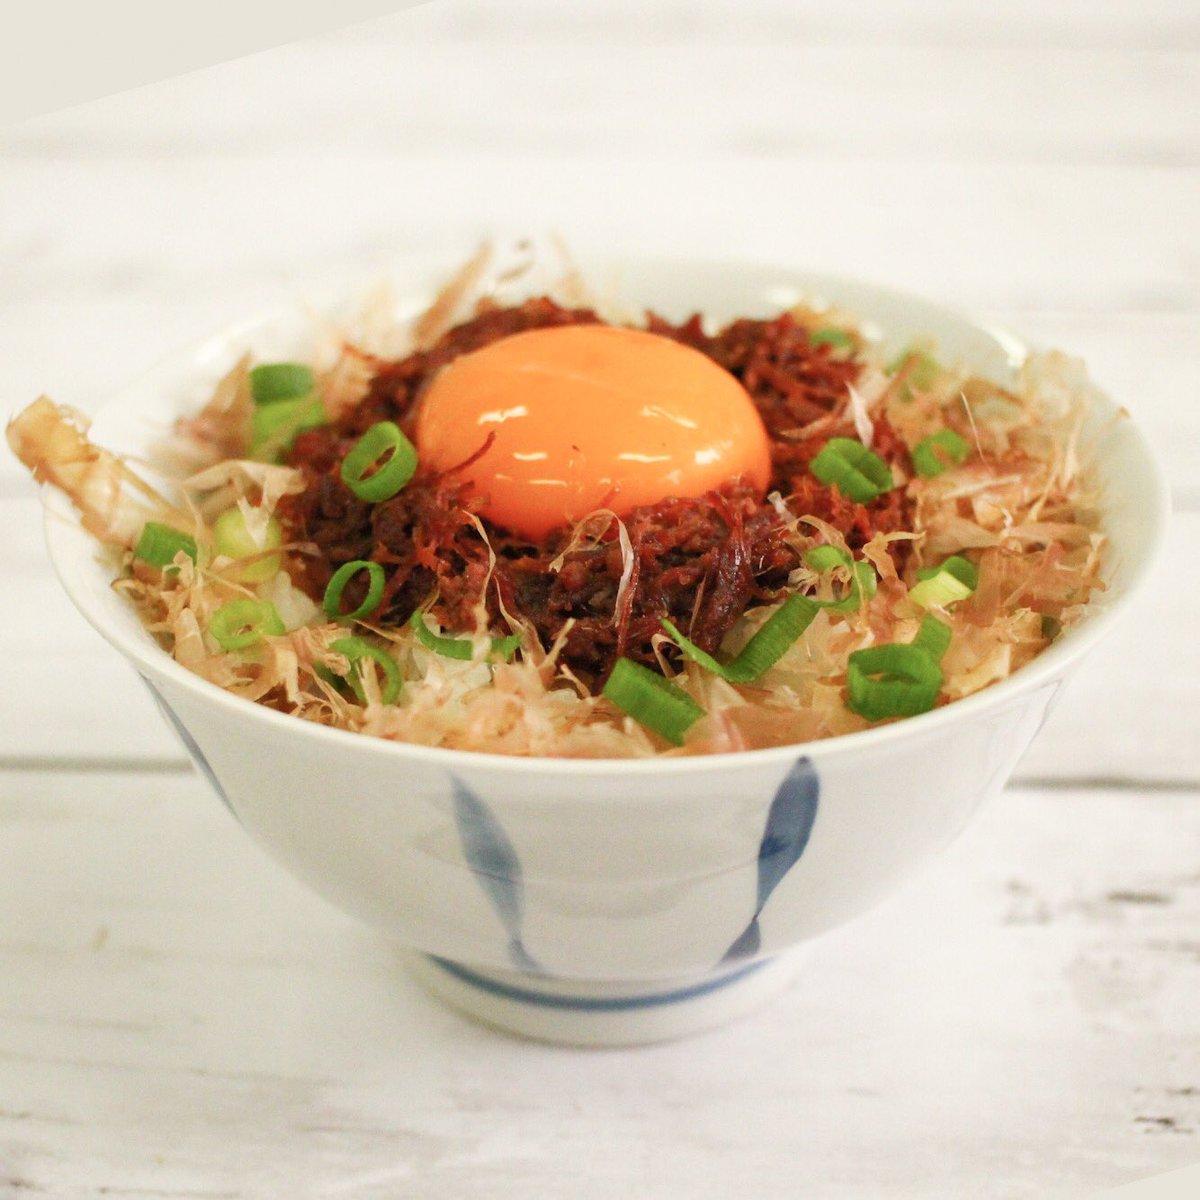 ノザキ(ノザキのコンビーフ)【公式】's photo on 卵かけご飯の完成